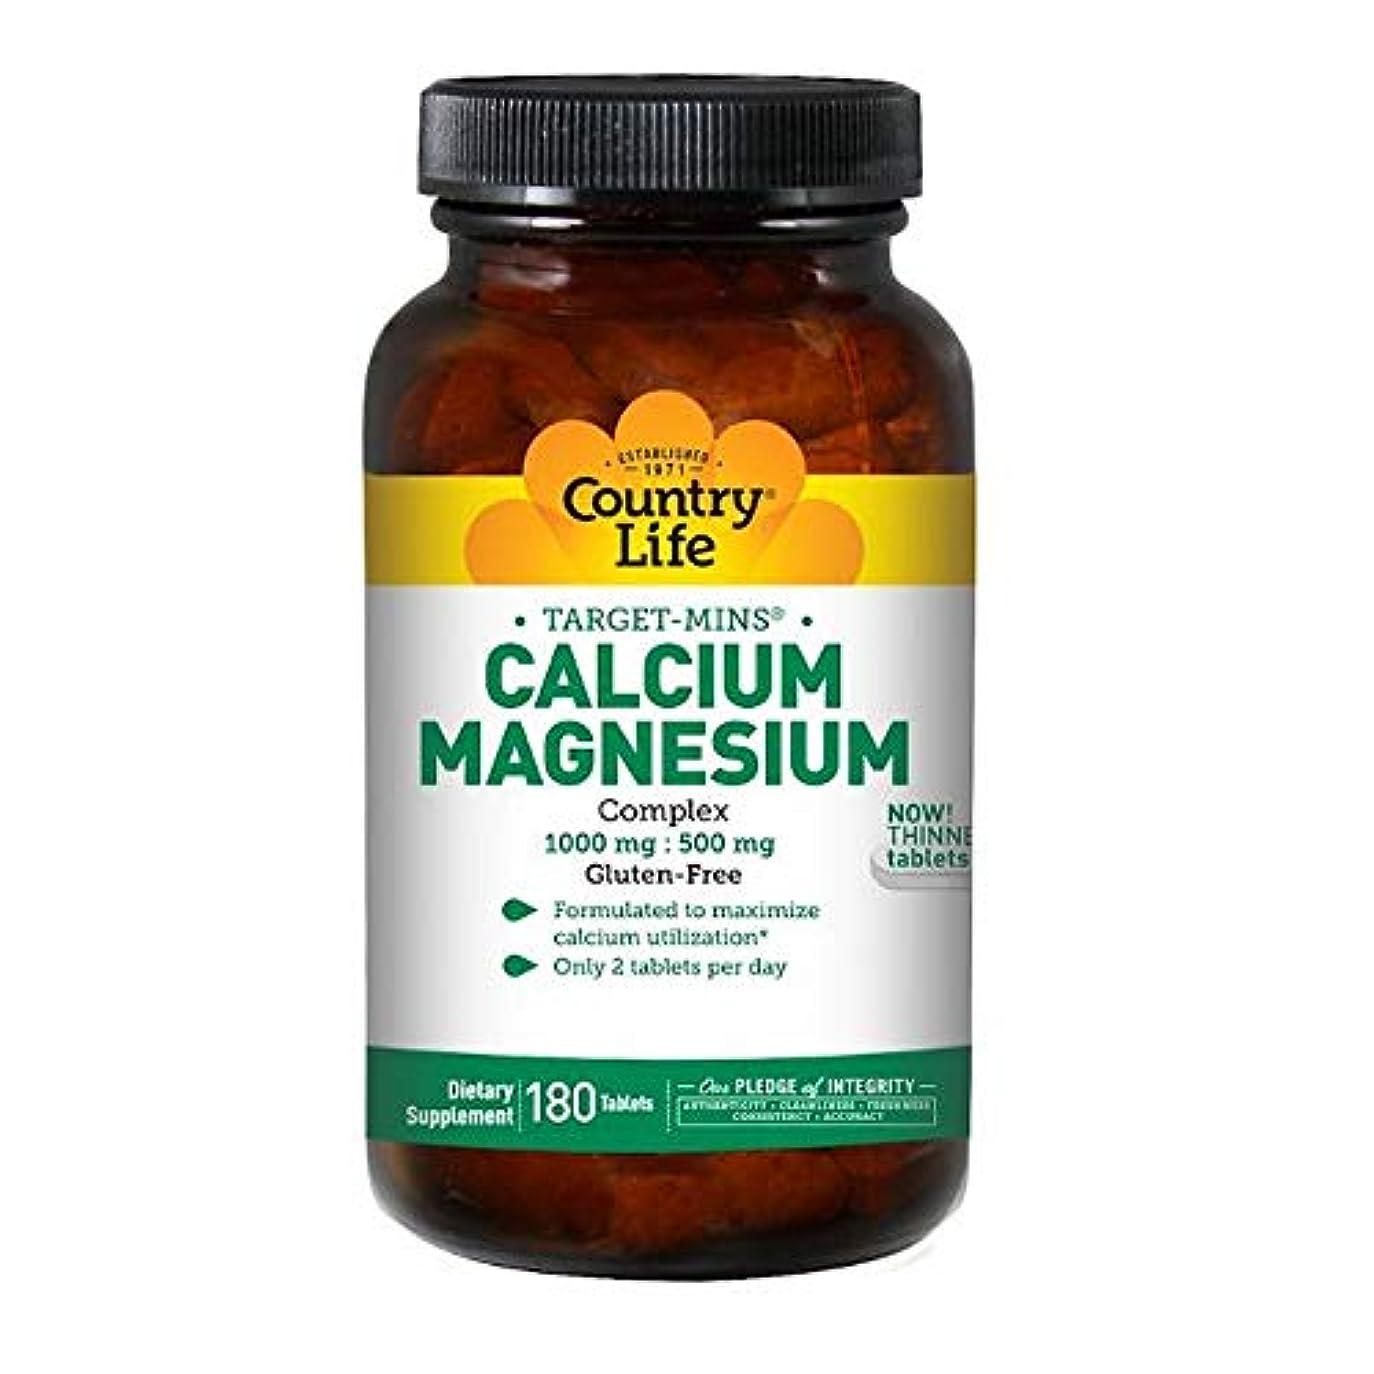 本当のことを言うと実行困惑するCountry Life ターゲット ミネラル カルシウム マグネシウム 複合体 180錠 【アメリカ直送】